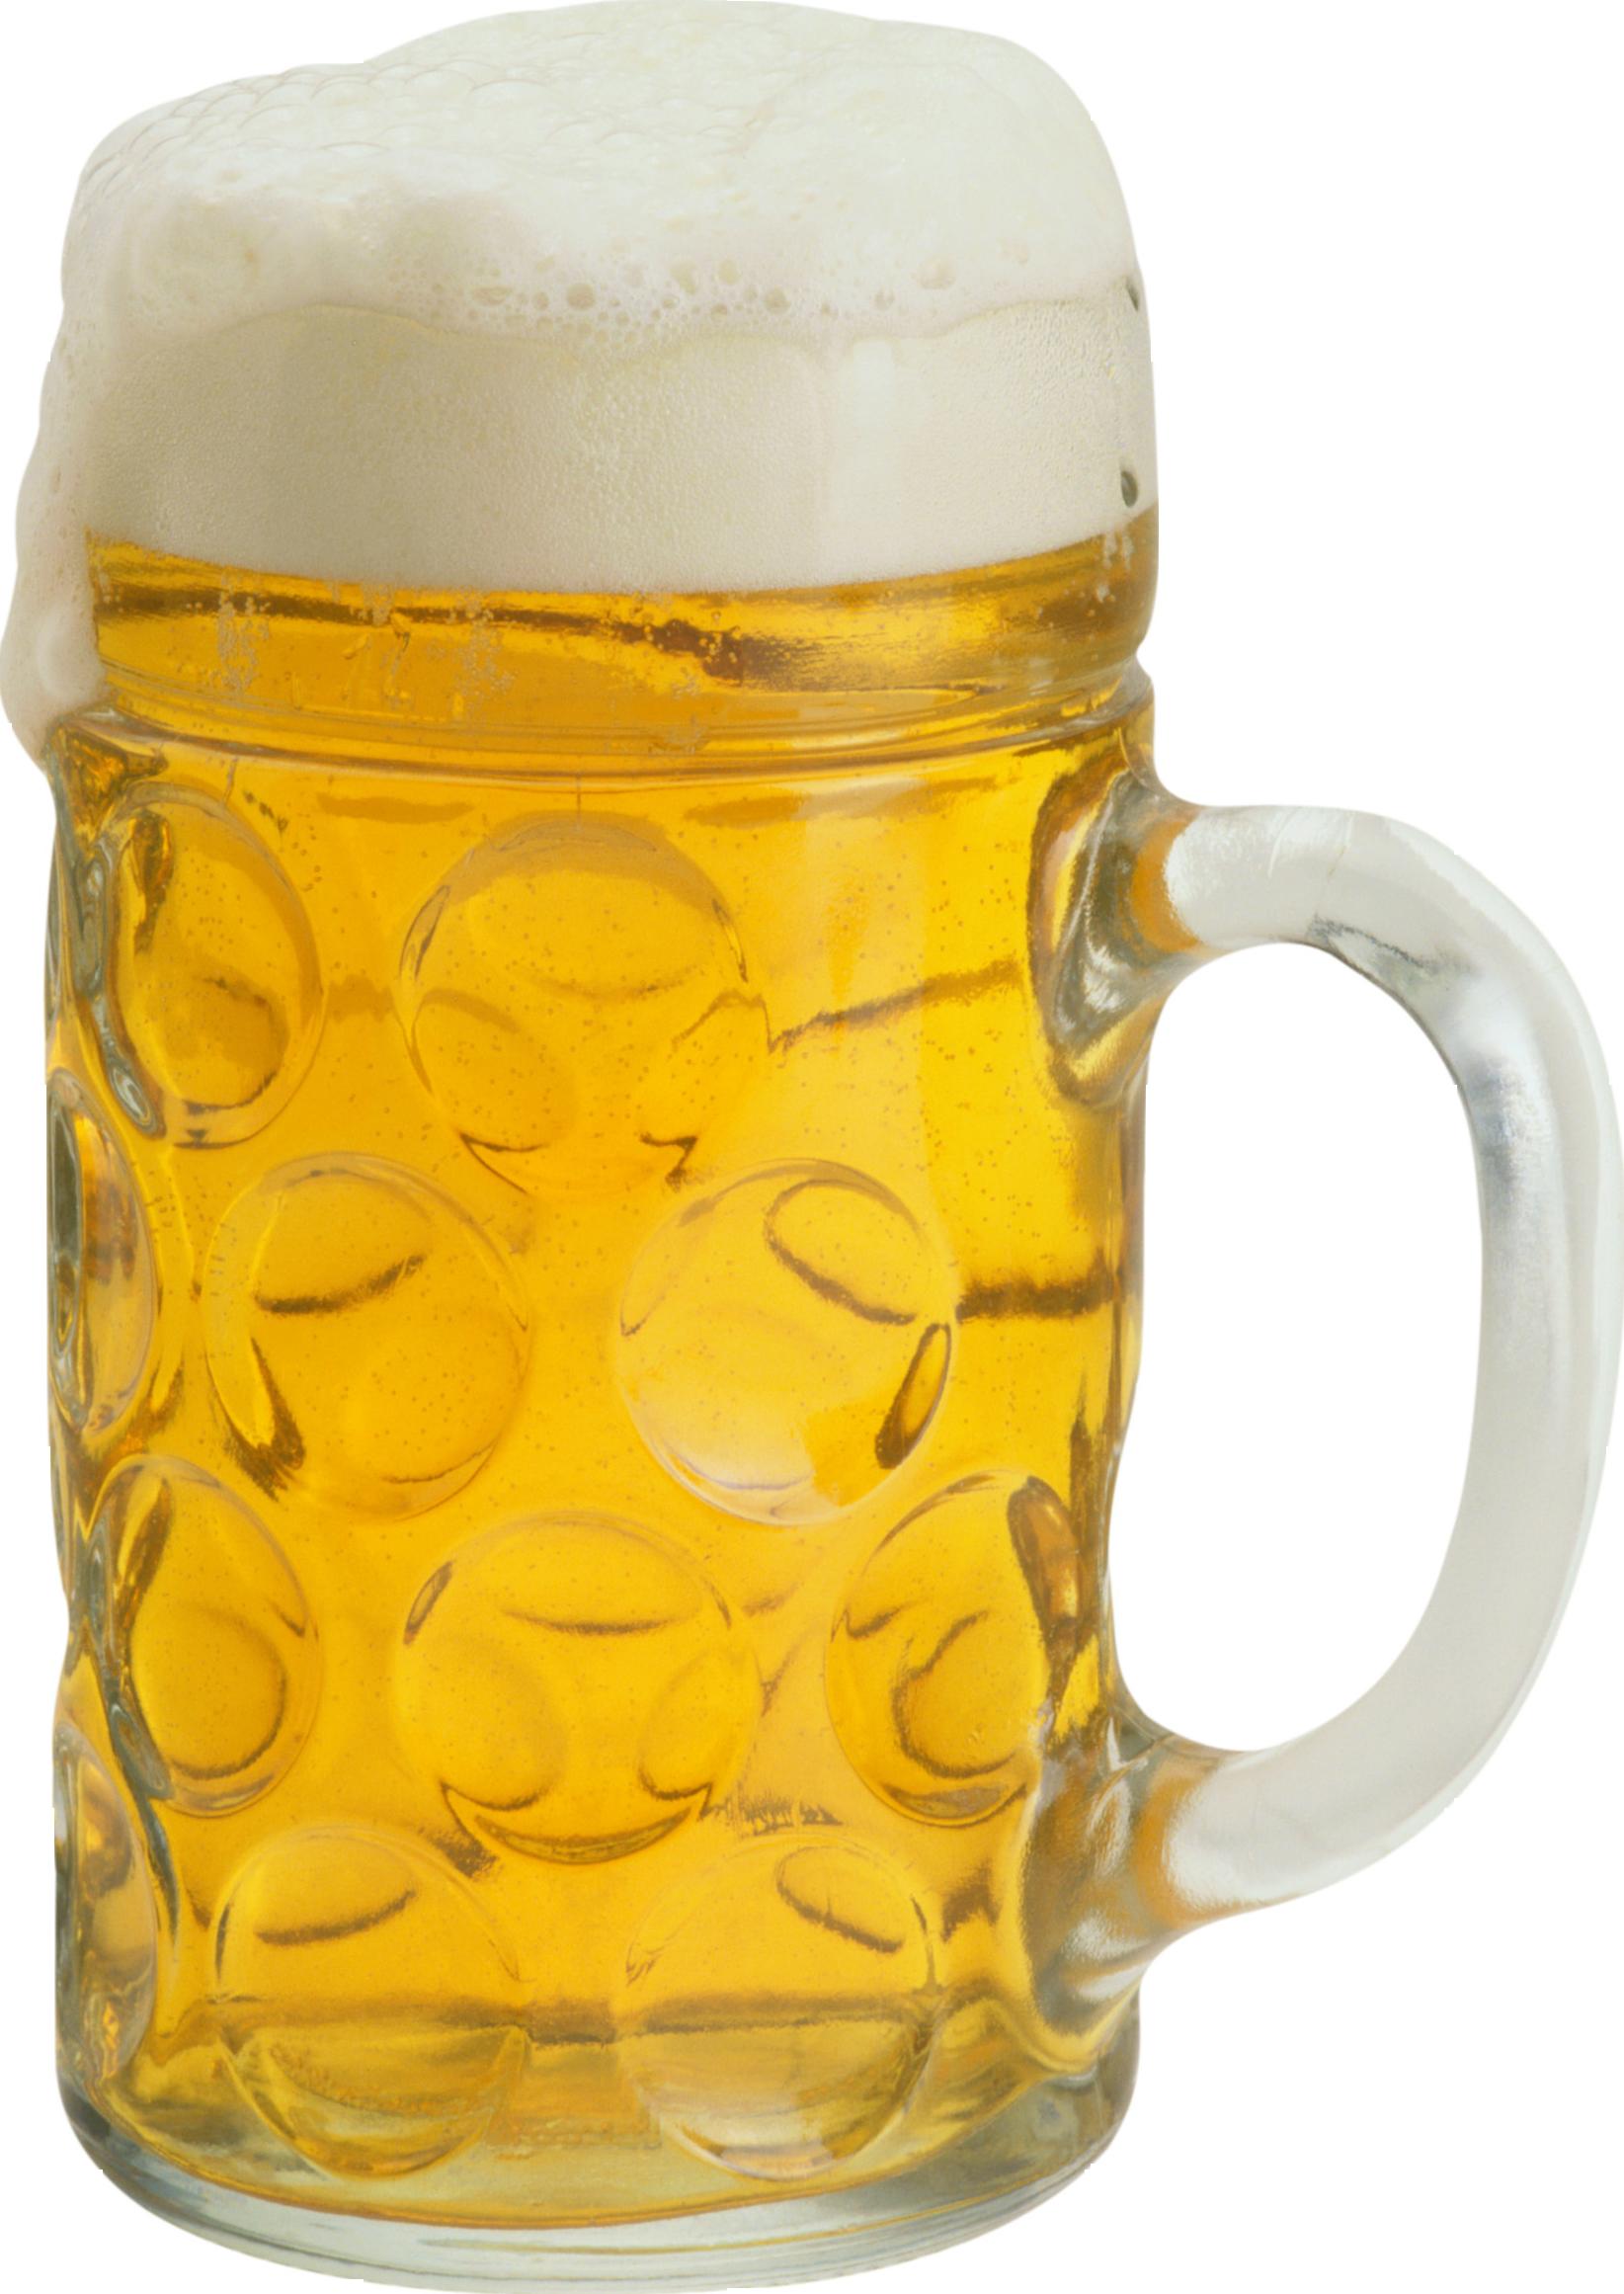 Beer Mug PNG - 73990